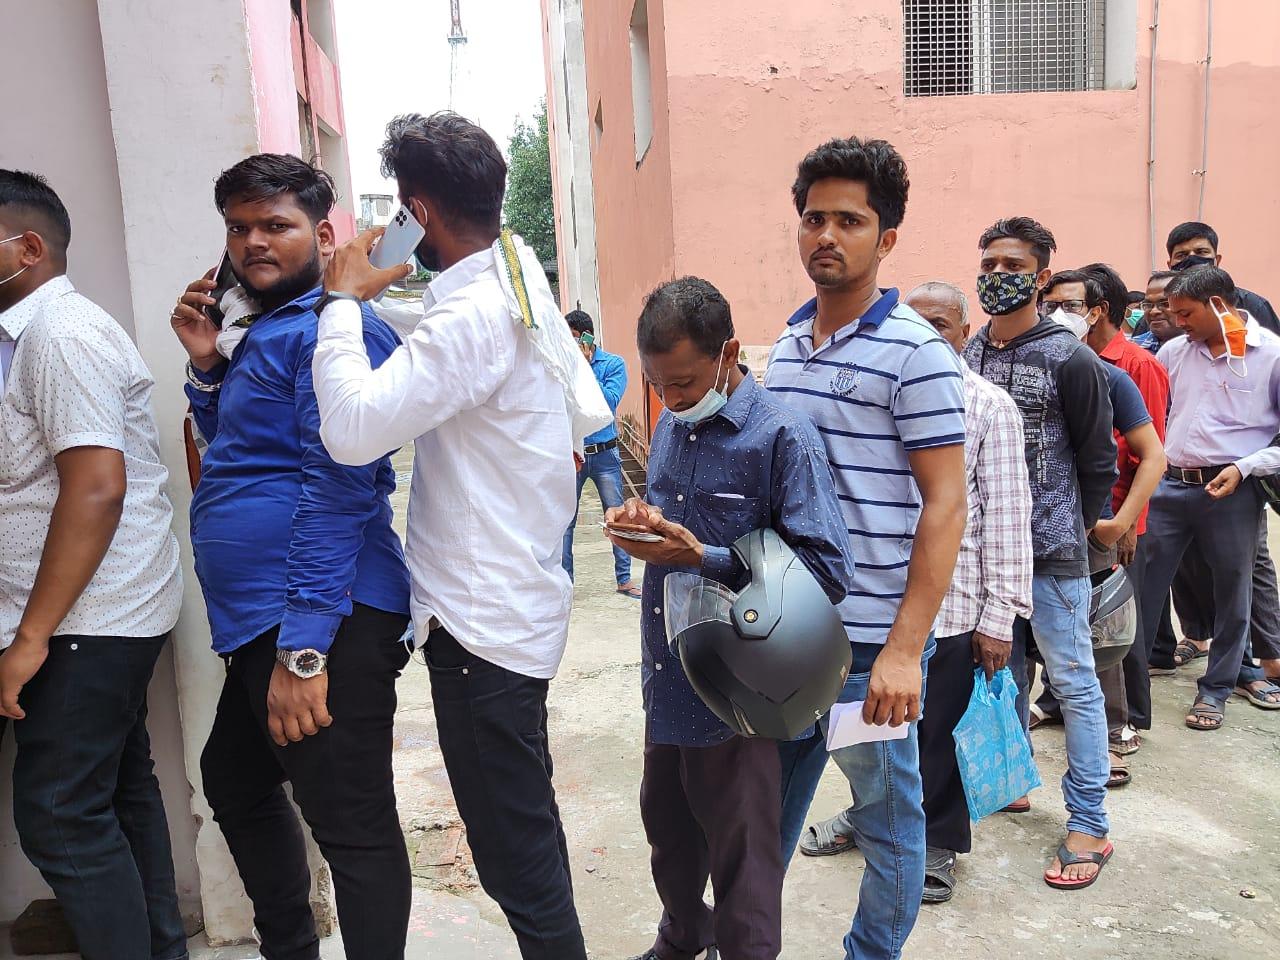 हर ब्लॉक पर 8 से 10 बूथ बनाए गए, एक दिन में लगेगी 60 हजार लोगों को वैक्सीन; नहीं हो पा रहा कोविड-19 के नियमों का पालन|गोरखपुर,Gorakhpur - Dainik Bhaskar